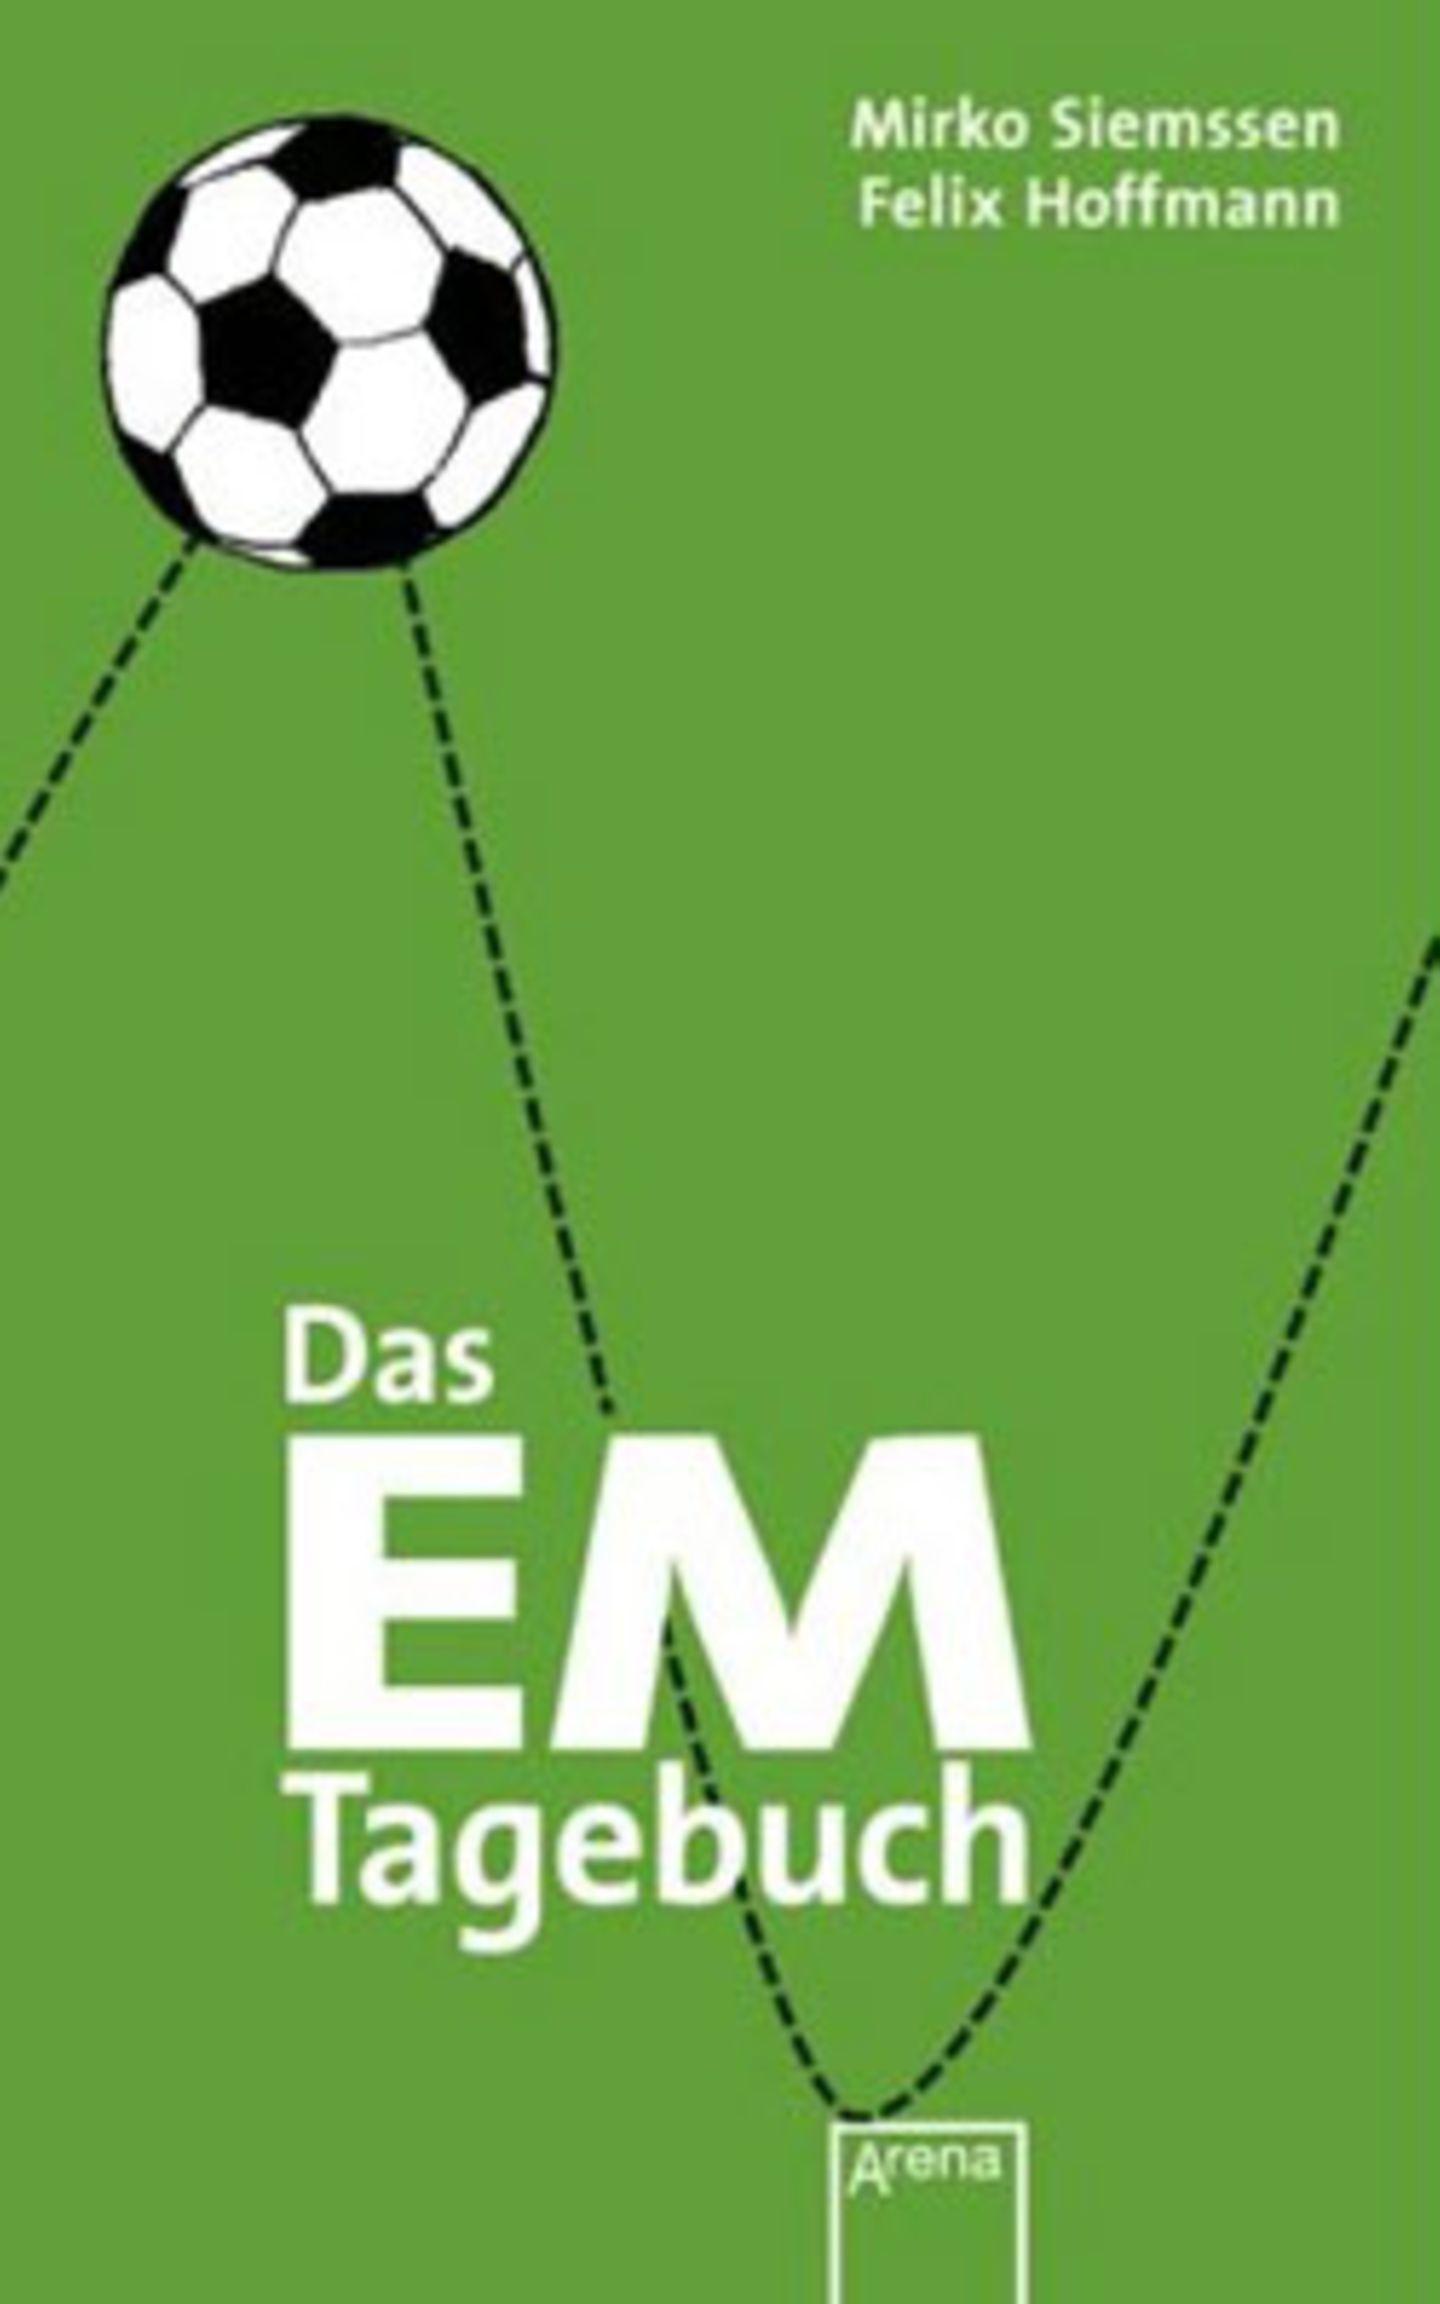 Das EM-Tagebuch bietet Platz zum Eintragen der wichtigsten Ergebnisse, liefert interessante Hintergrundinfos zu der Geschichte der EM und der deutschen Mannschaft. Mit zwei Doppelseiten für jeden Spieltag und vielen Seiten für das Drumherum, für 8,95 Euro zzgl. Versandkosten über >> www.amazon.de